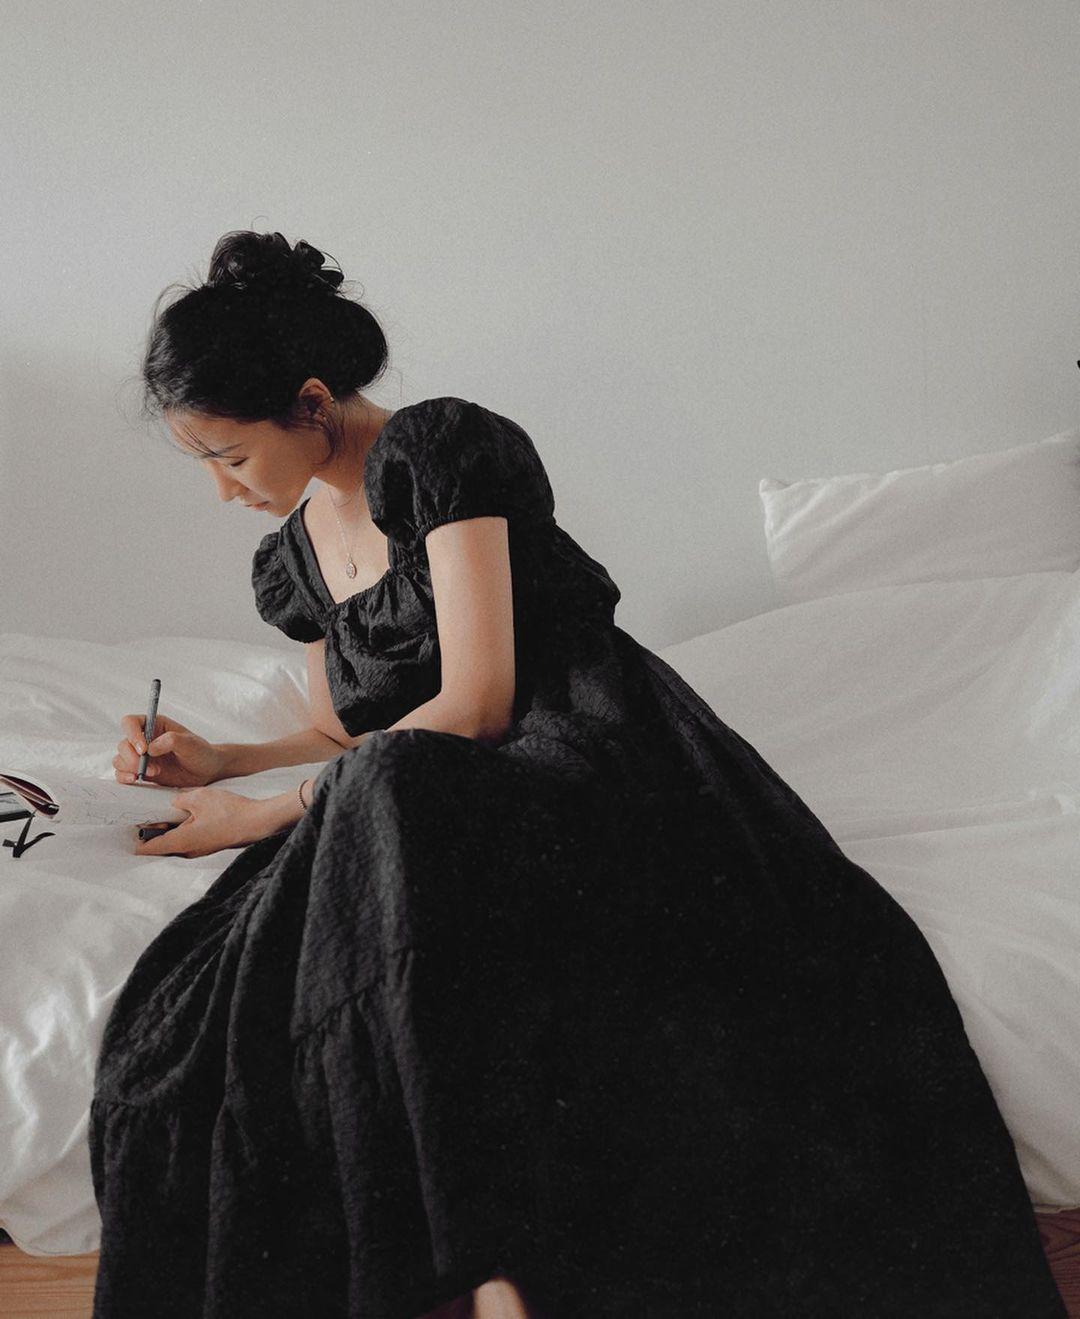 dress code váy đen tiệc thân mật